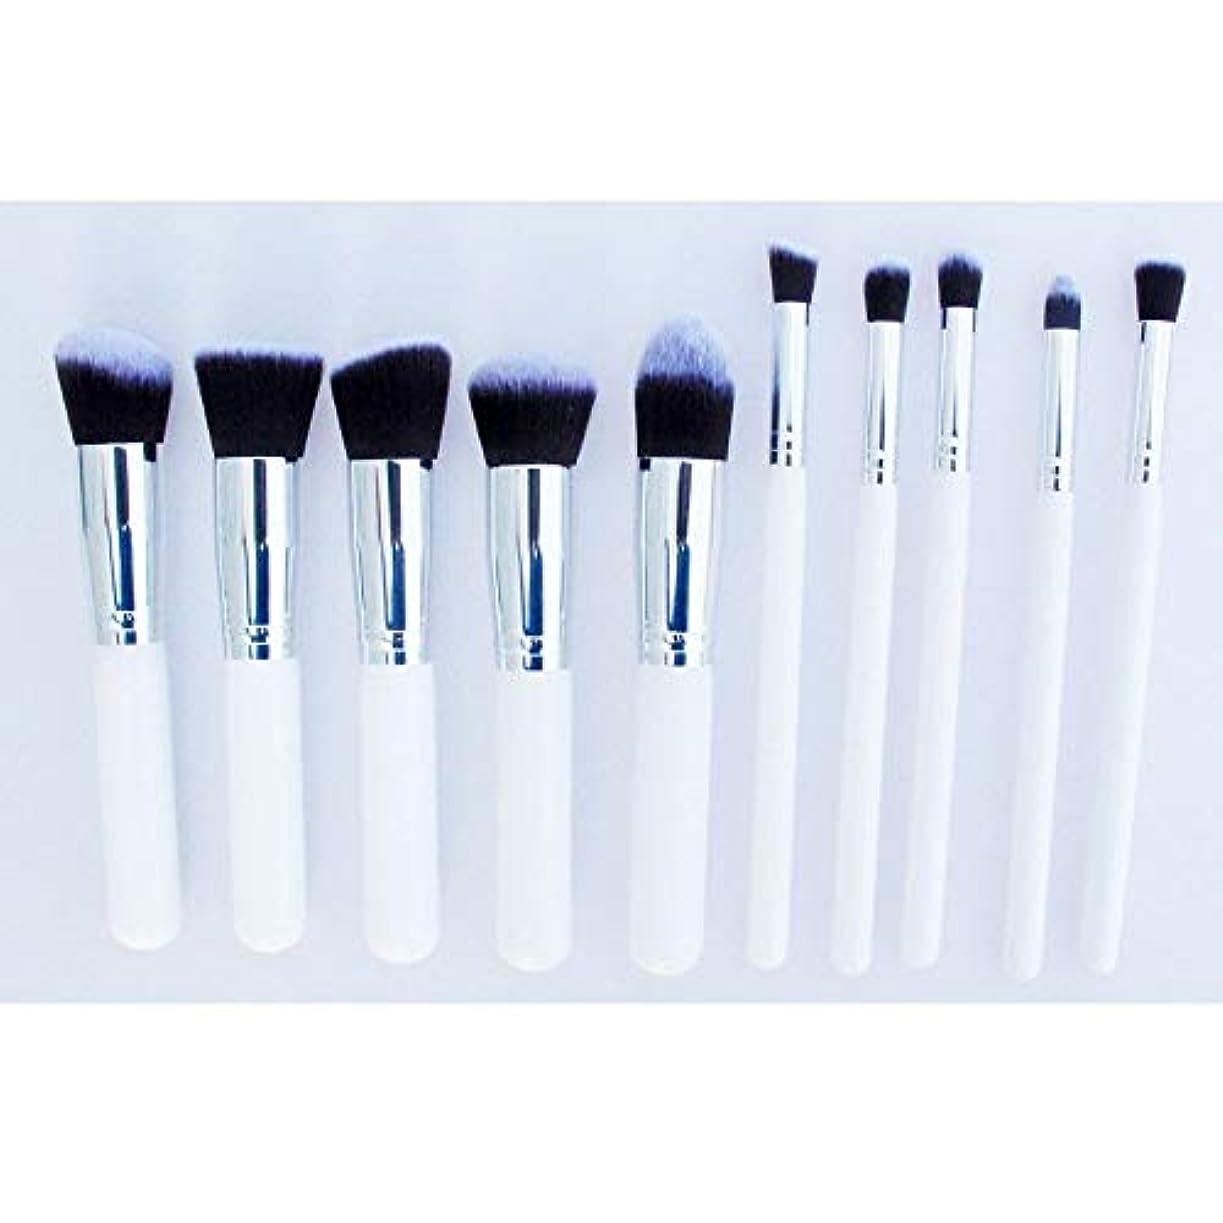 露骨な気づかない階段化粧品 10本セット 化粧ブラシセット プロ メイクブラシ 人気化粧筆 超柔らかい フェイシャルメイクアップ 化粧品 美容ツール (Color : Silver)